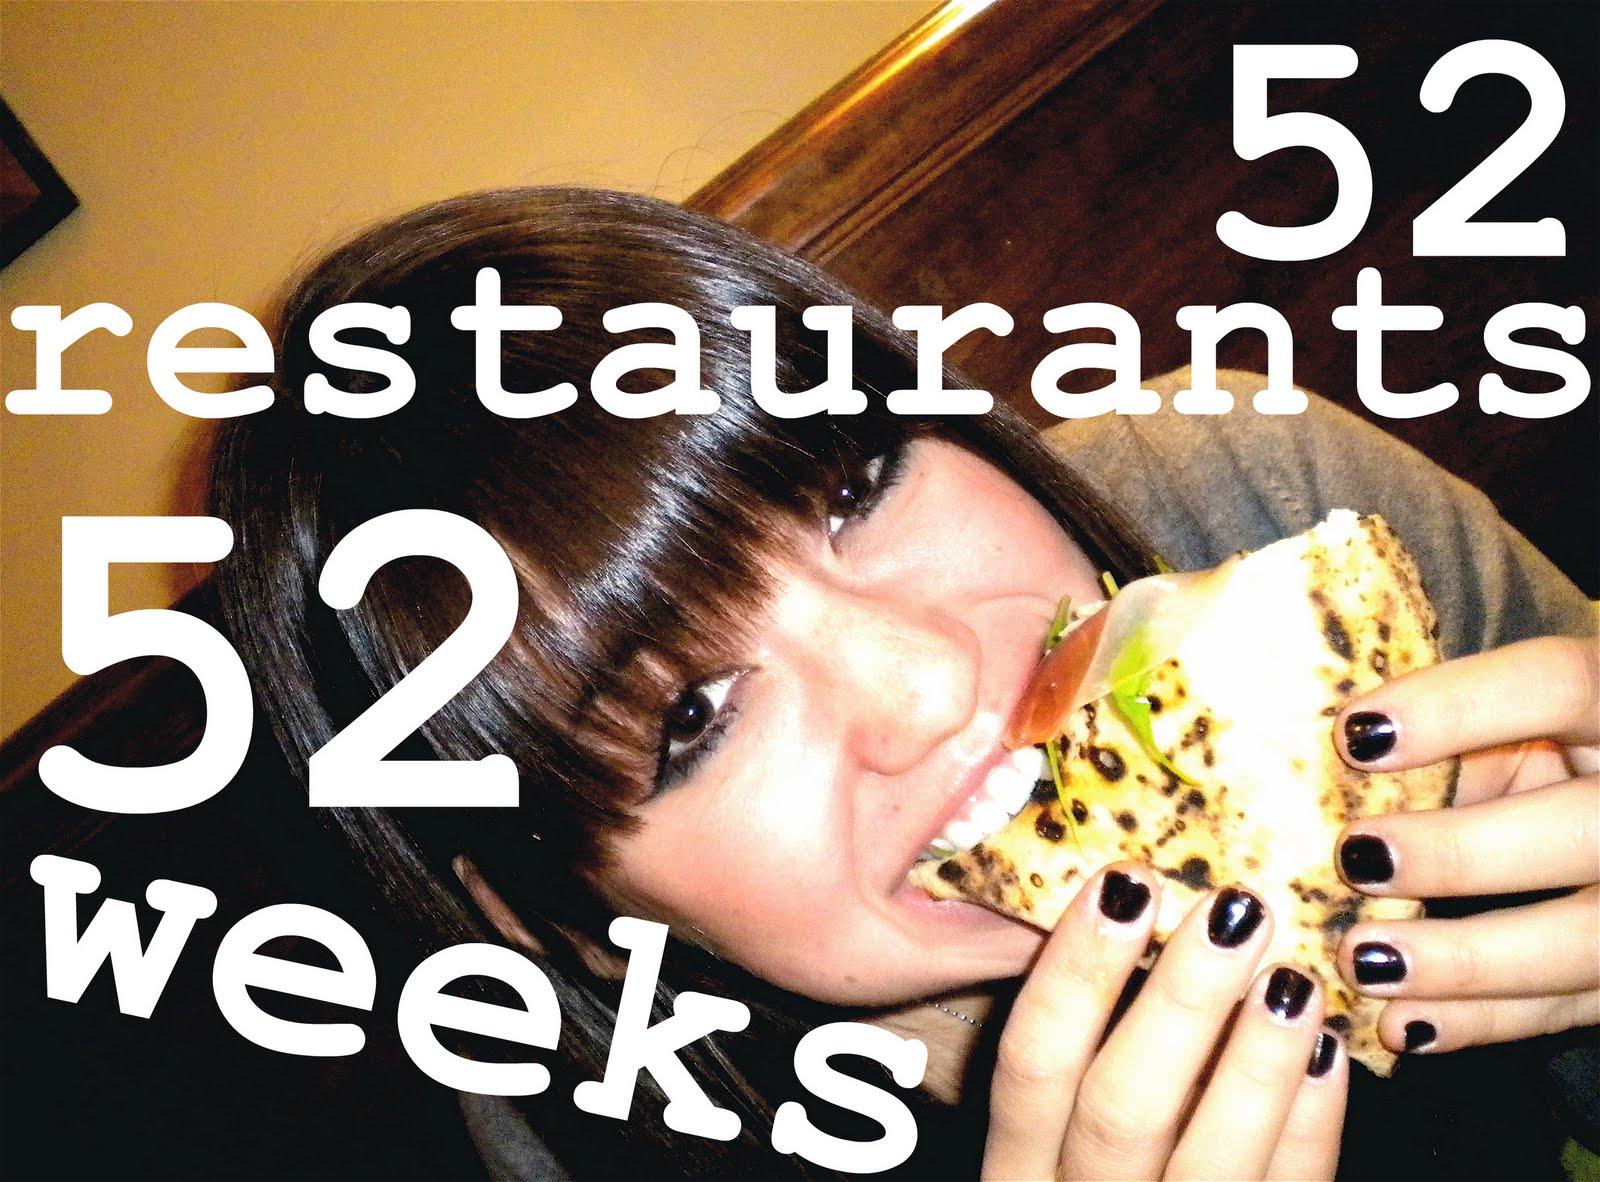 [a+restaurant+a+week.jpg]